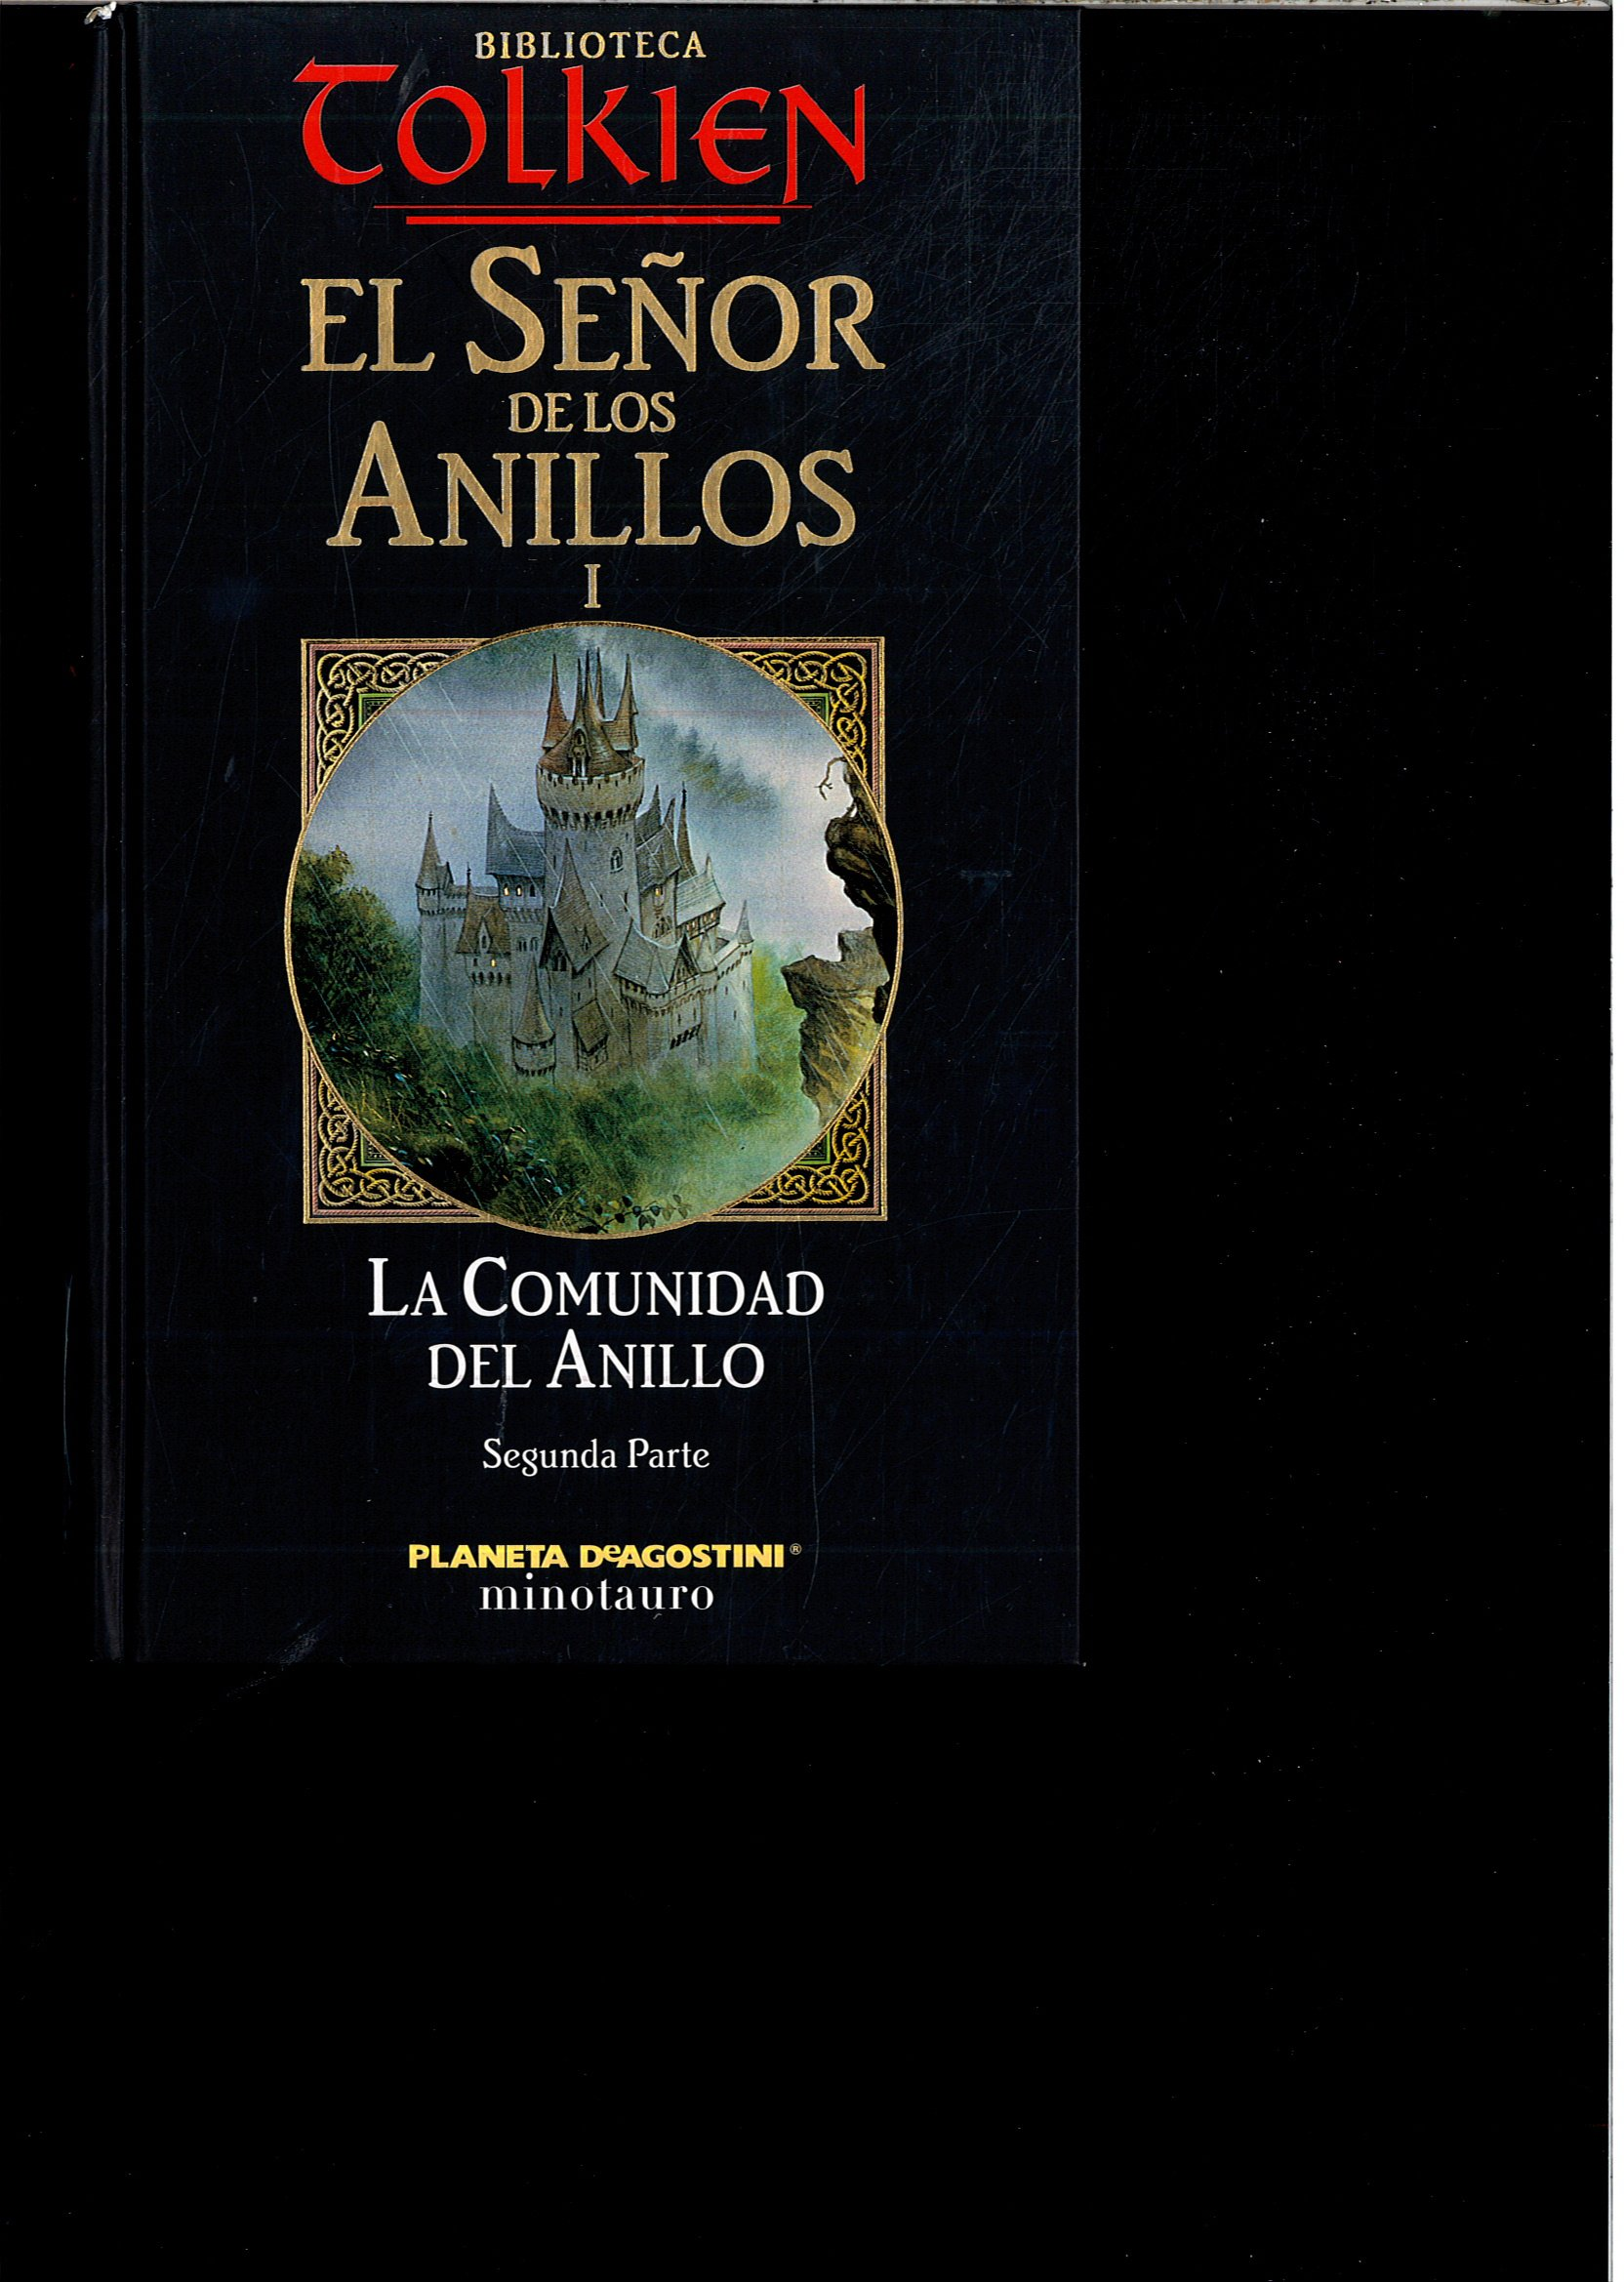 EL SEÑOR DE LOS ANILLOS I. LA COMUNIDAD DEL ANILLO. SEGUNDA PARTE:  Amazon.es: J.R.R. TOLKIEN: Libros